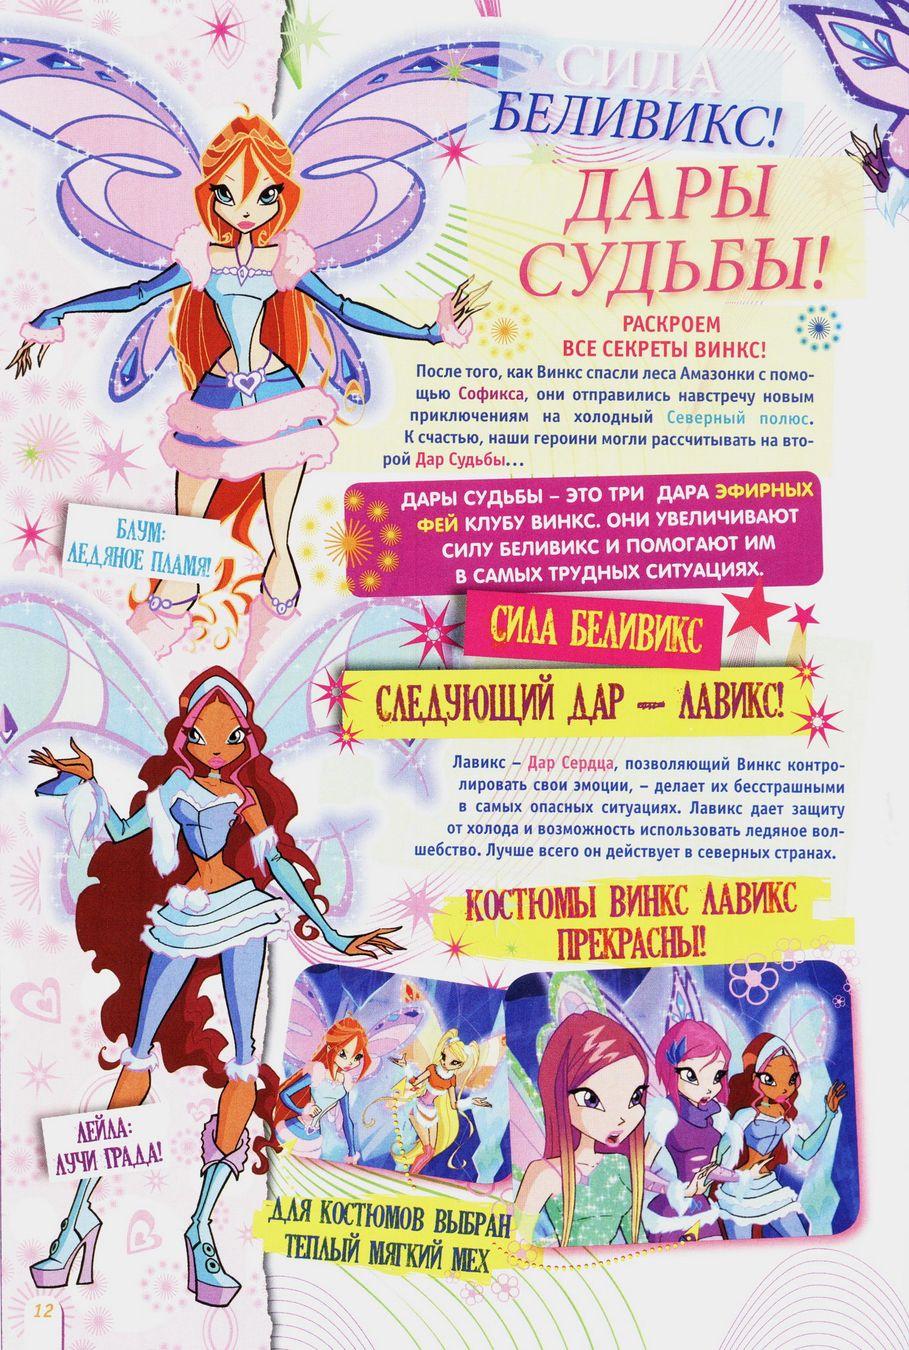 Комикс Винкс Winx - Любовь и долг (Журнал Винкс №2 2011) - стр. 12